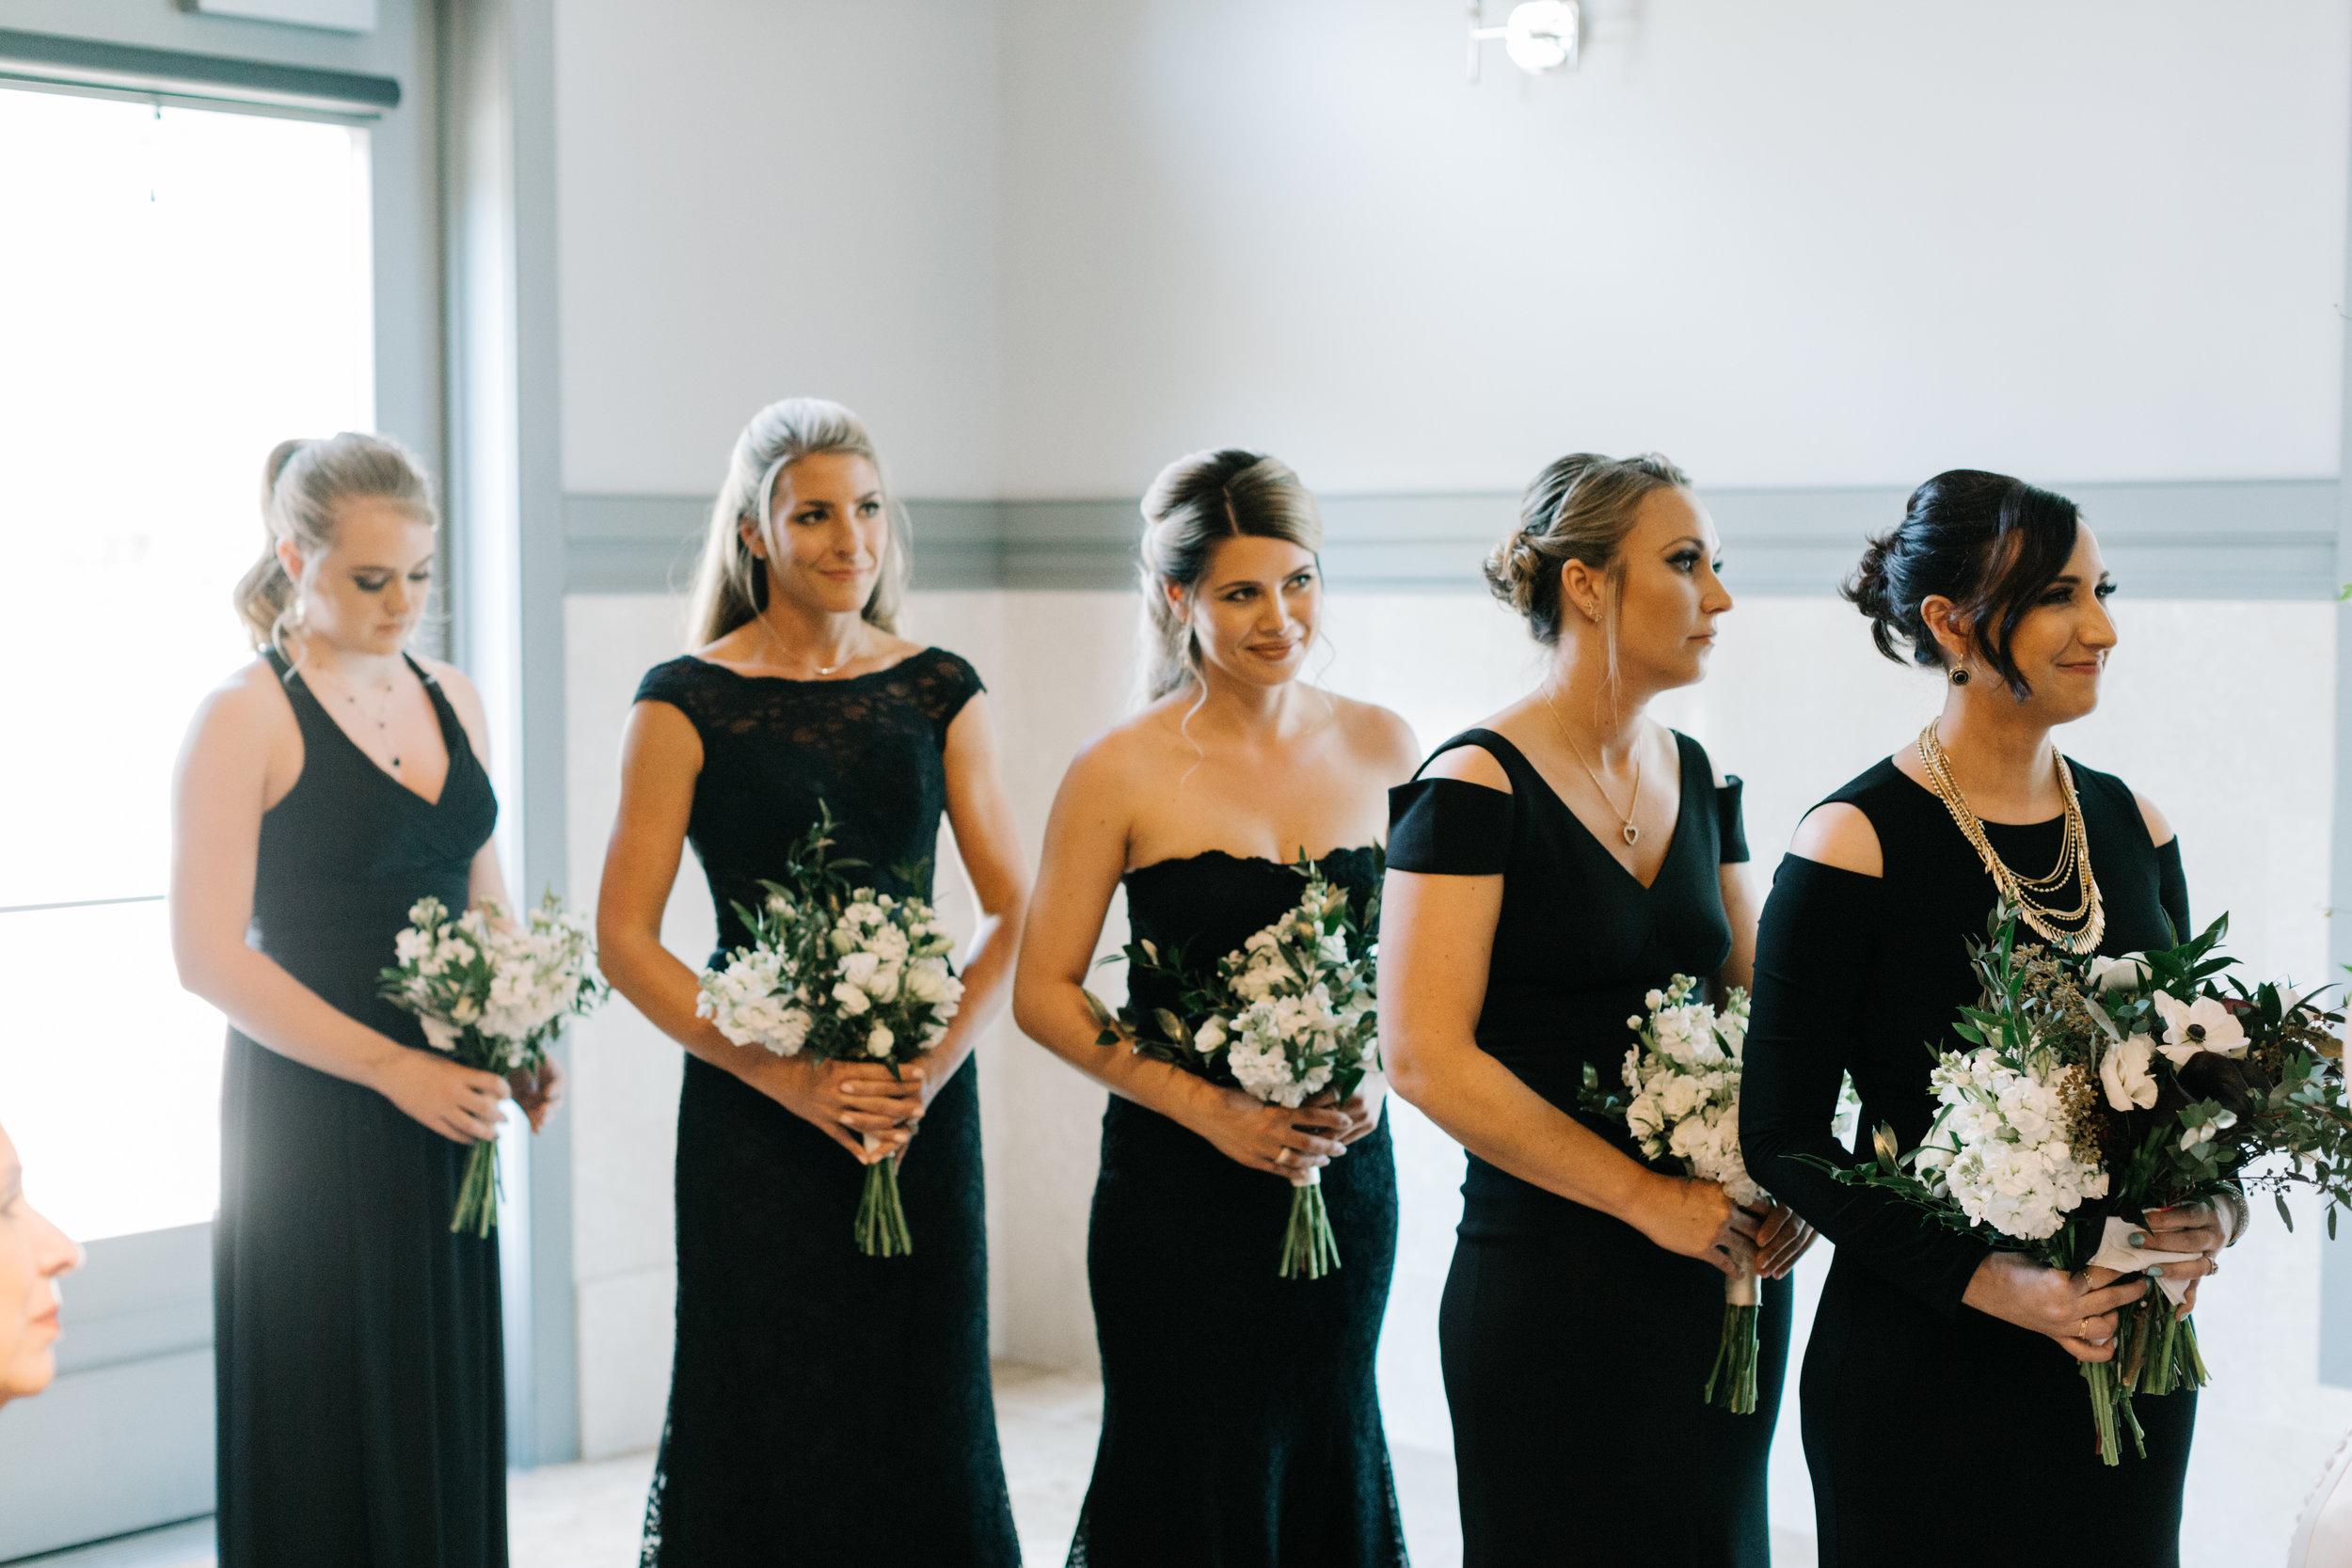 Orlando-Wedding-Photographer_Noahs-Event-Venue-Wedding_Giana-and-Jeff_Orlando-FL_0831.jpg